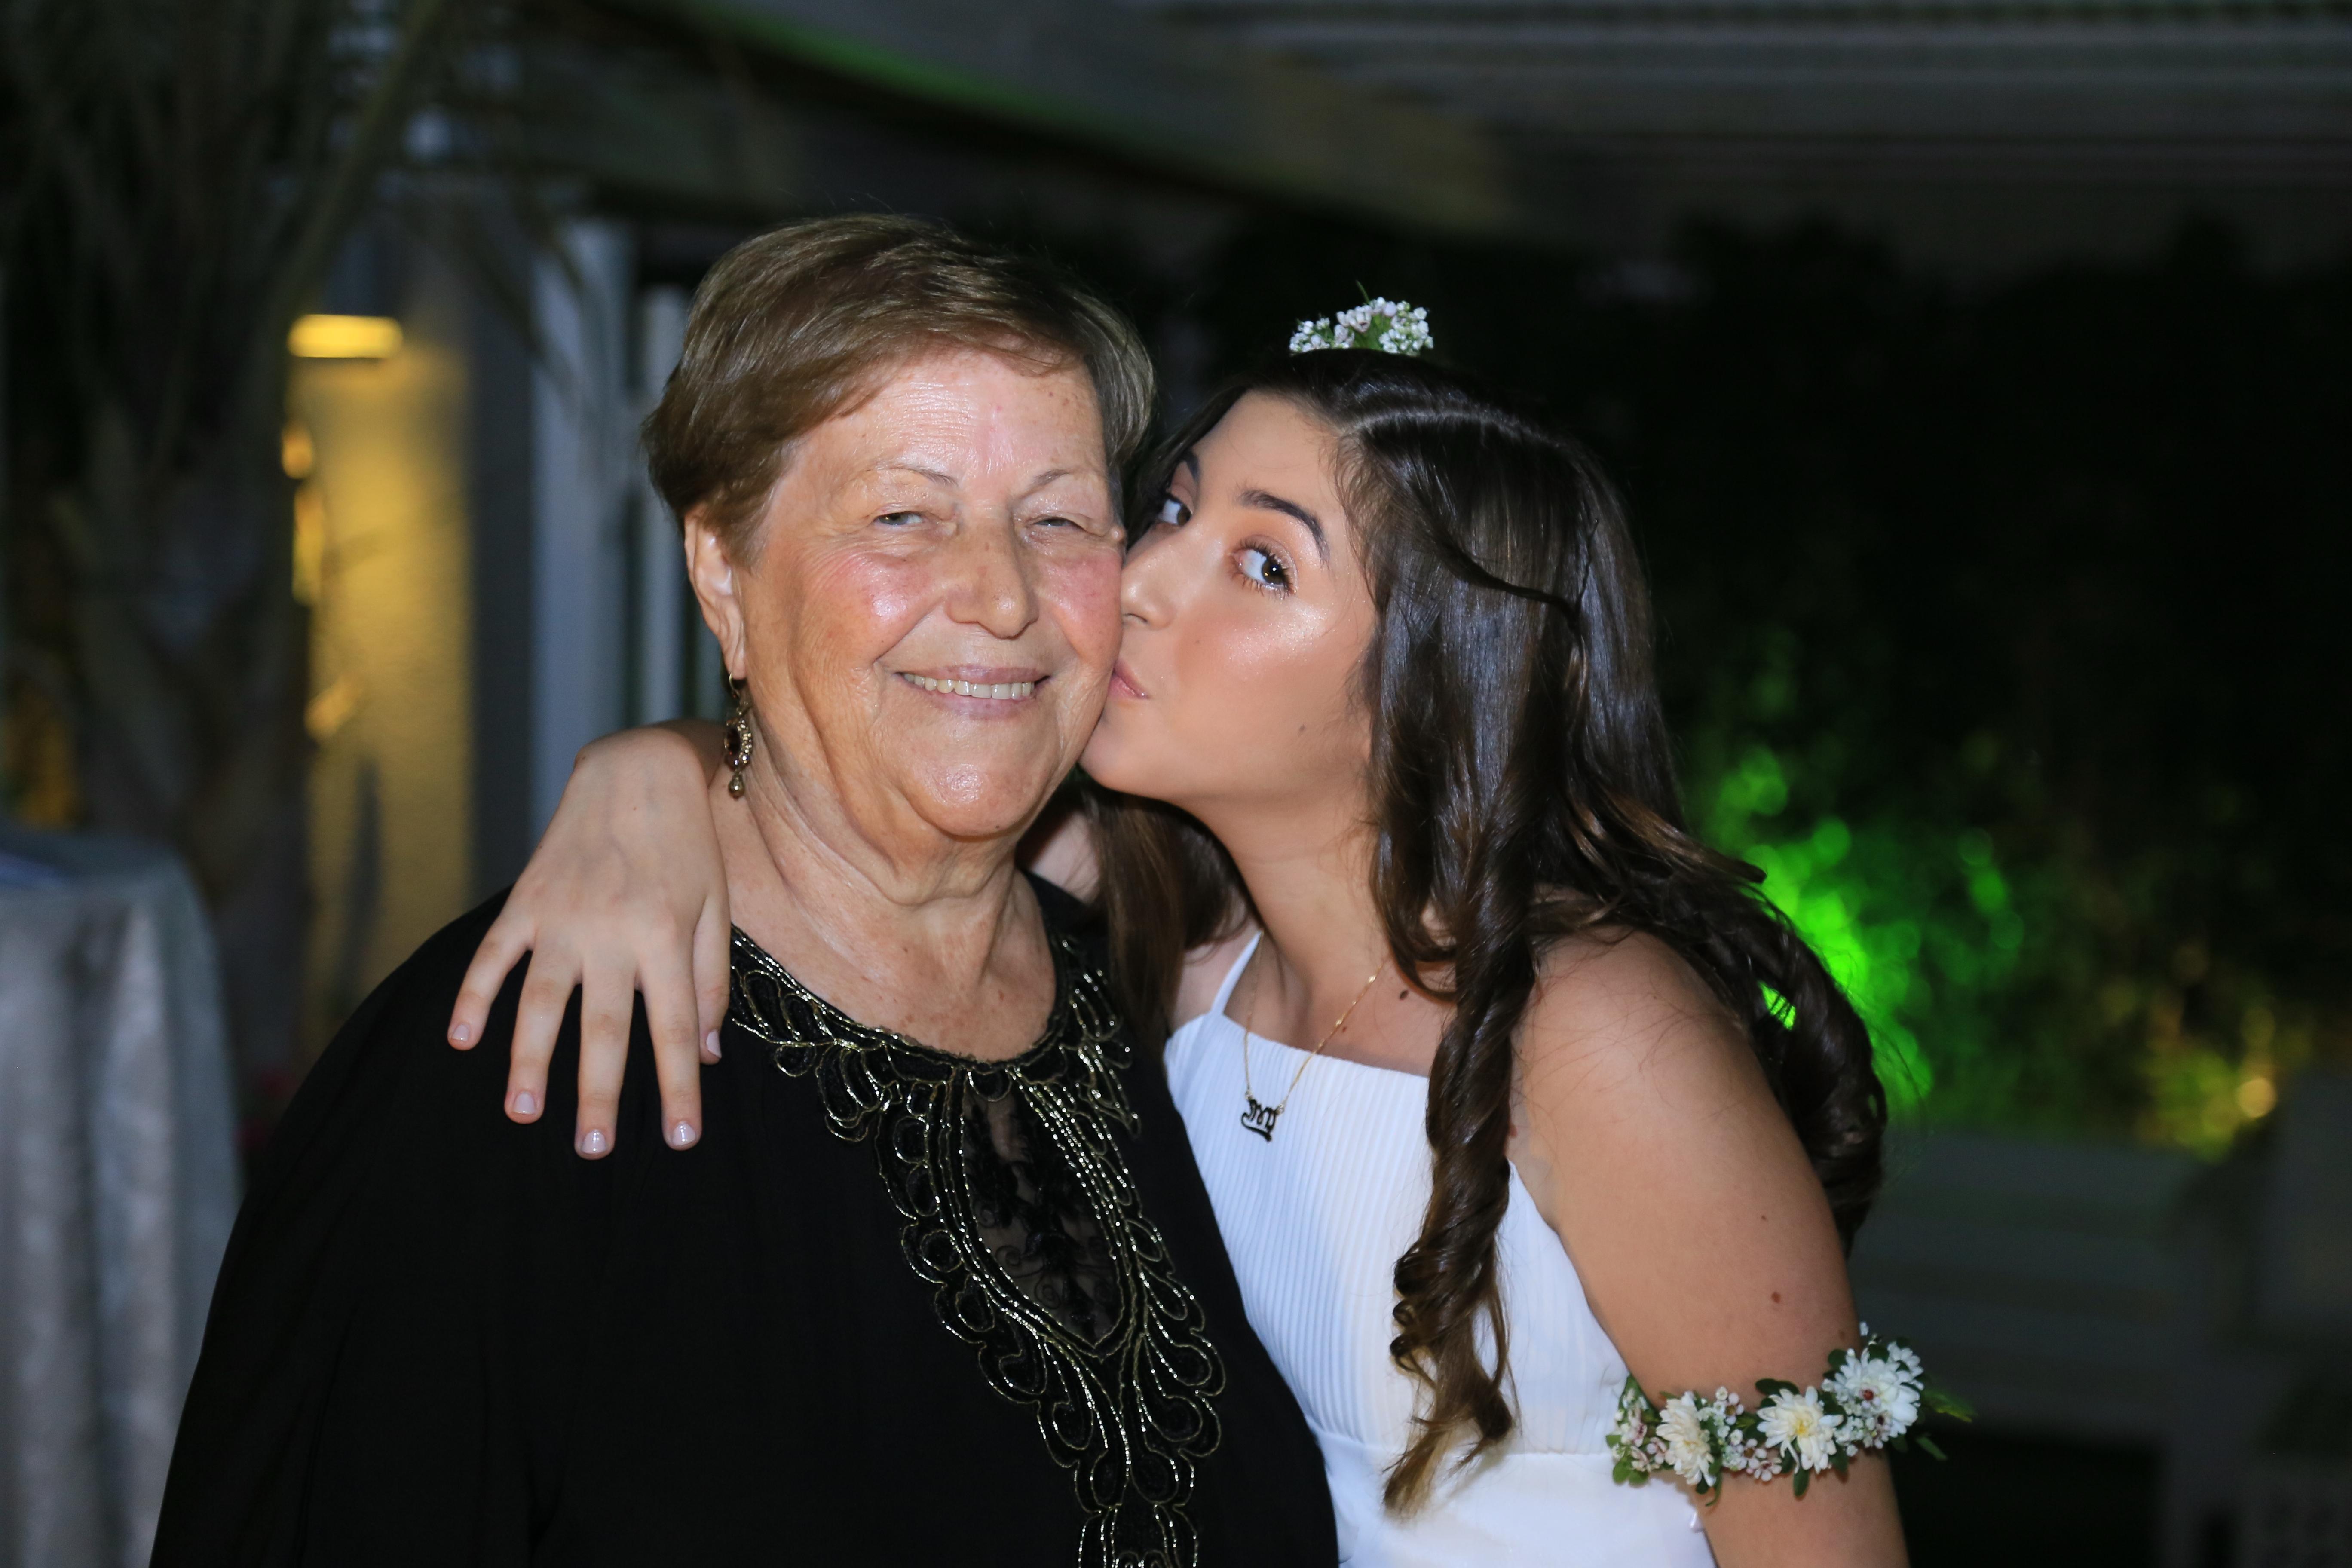 הסיפור החיים של סבתי by noa zfoni - Illustrated by נועה צפוני  - Ourboox.com